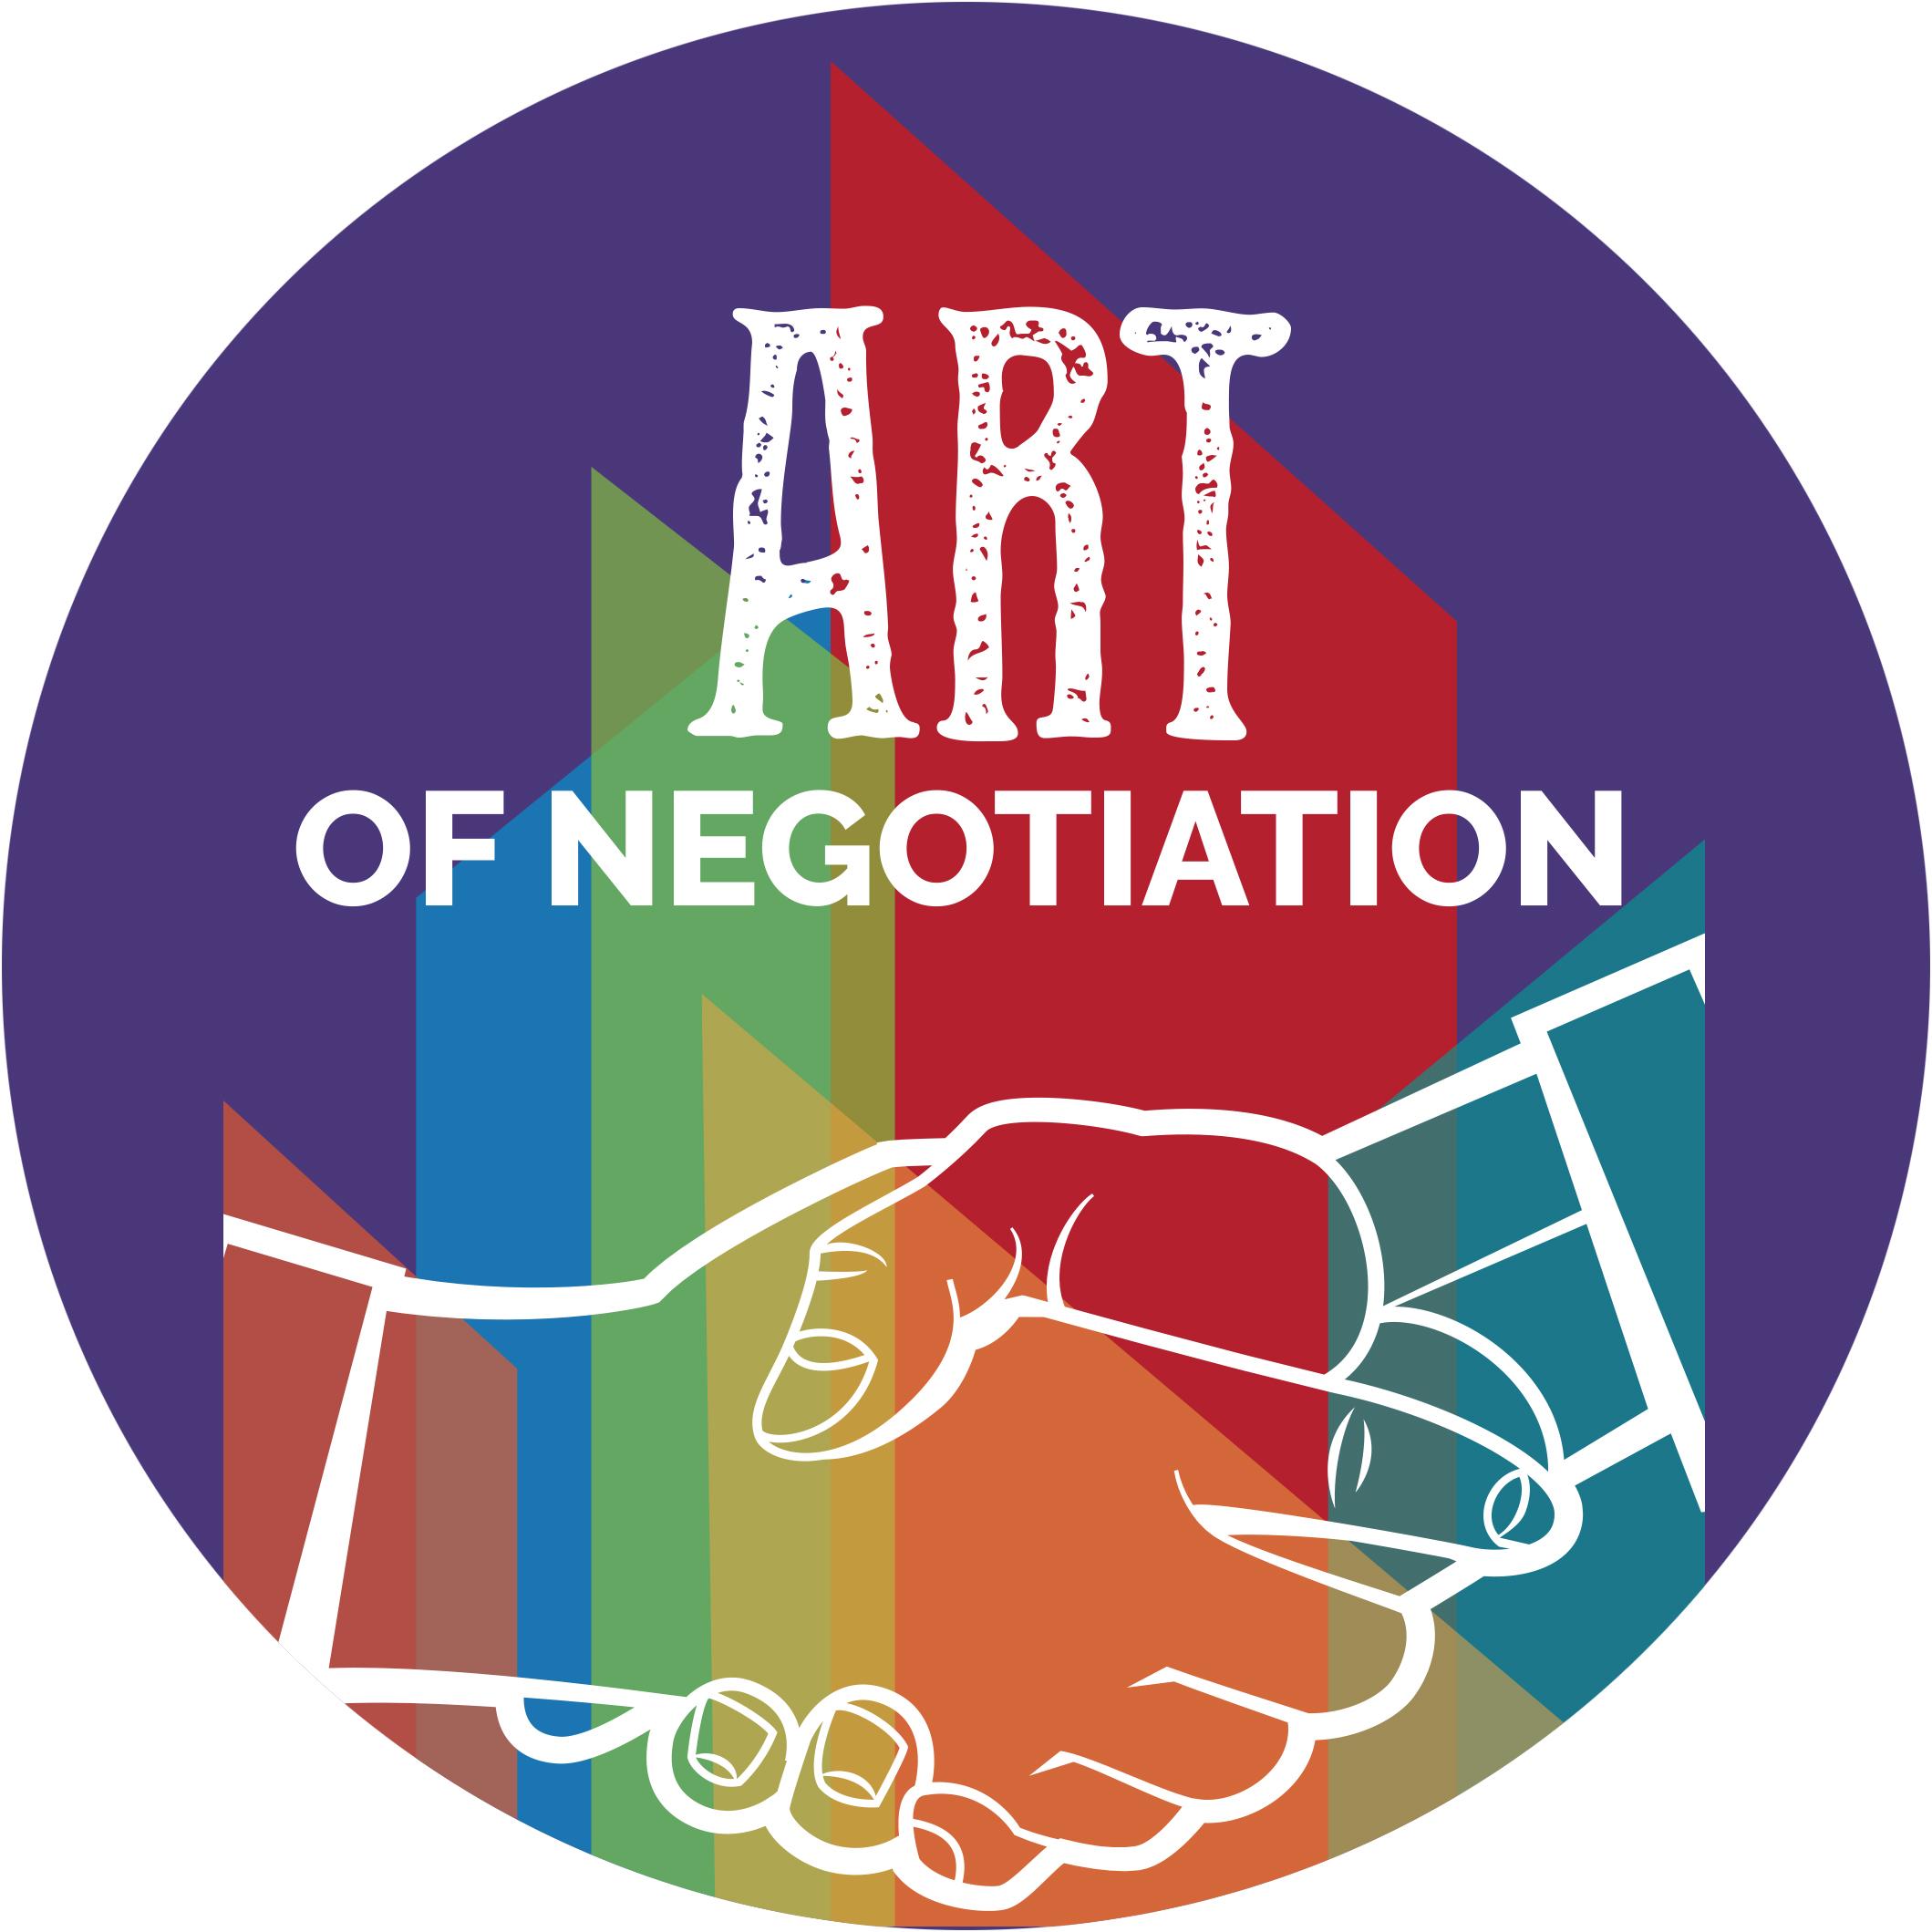 Art-of-Negotiation-Concept.jpg